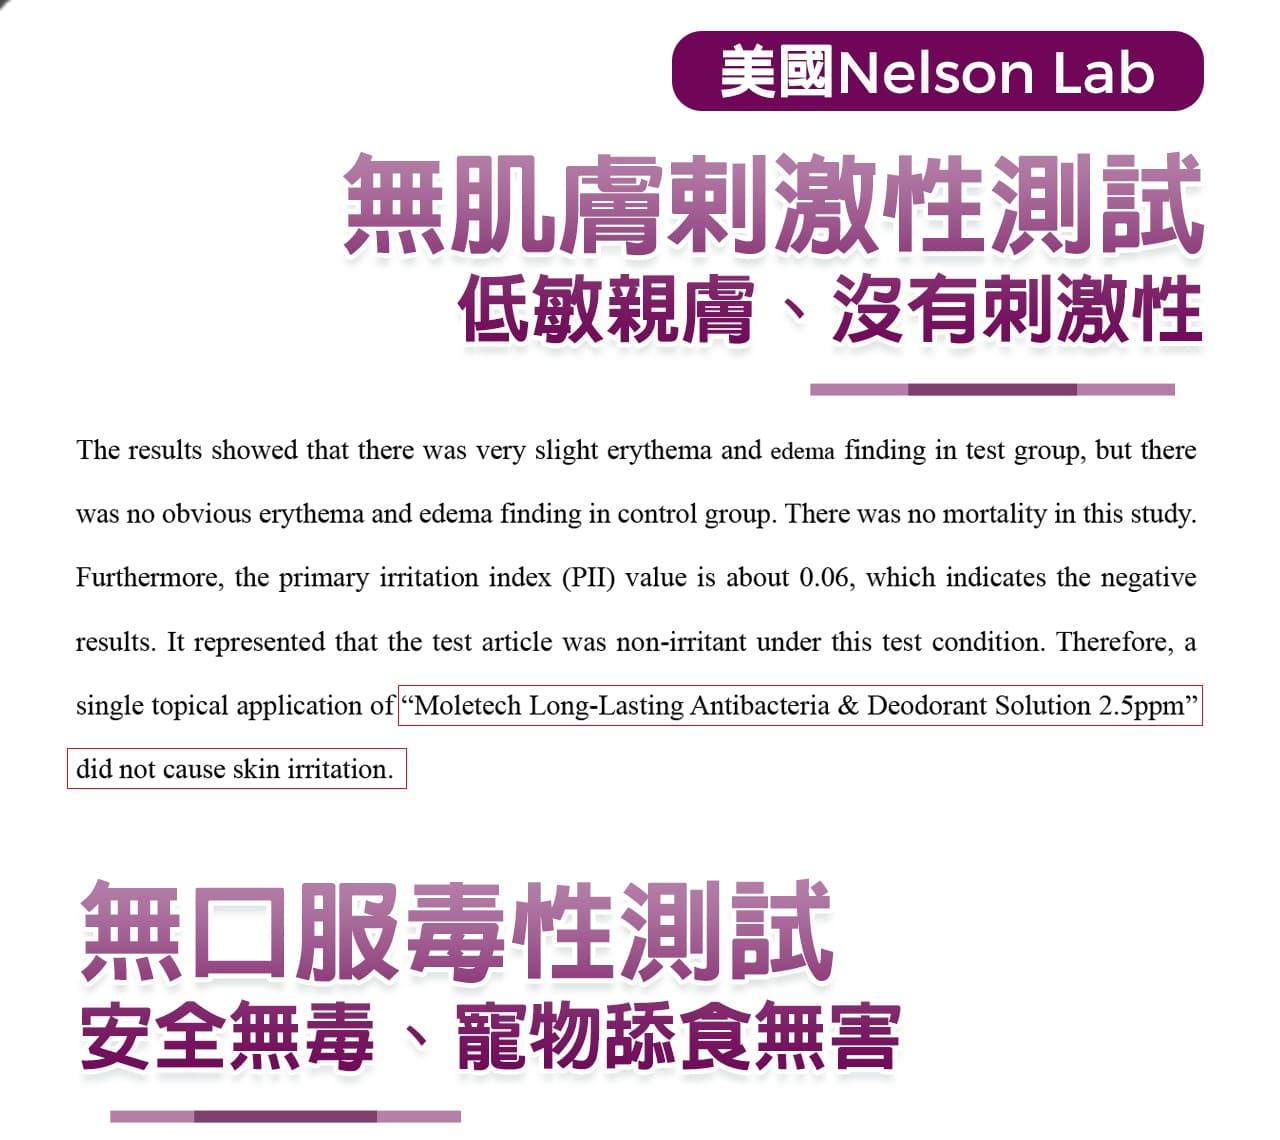 美國Nelson Lab無肌膚刺激性測試